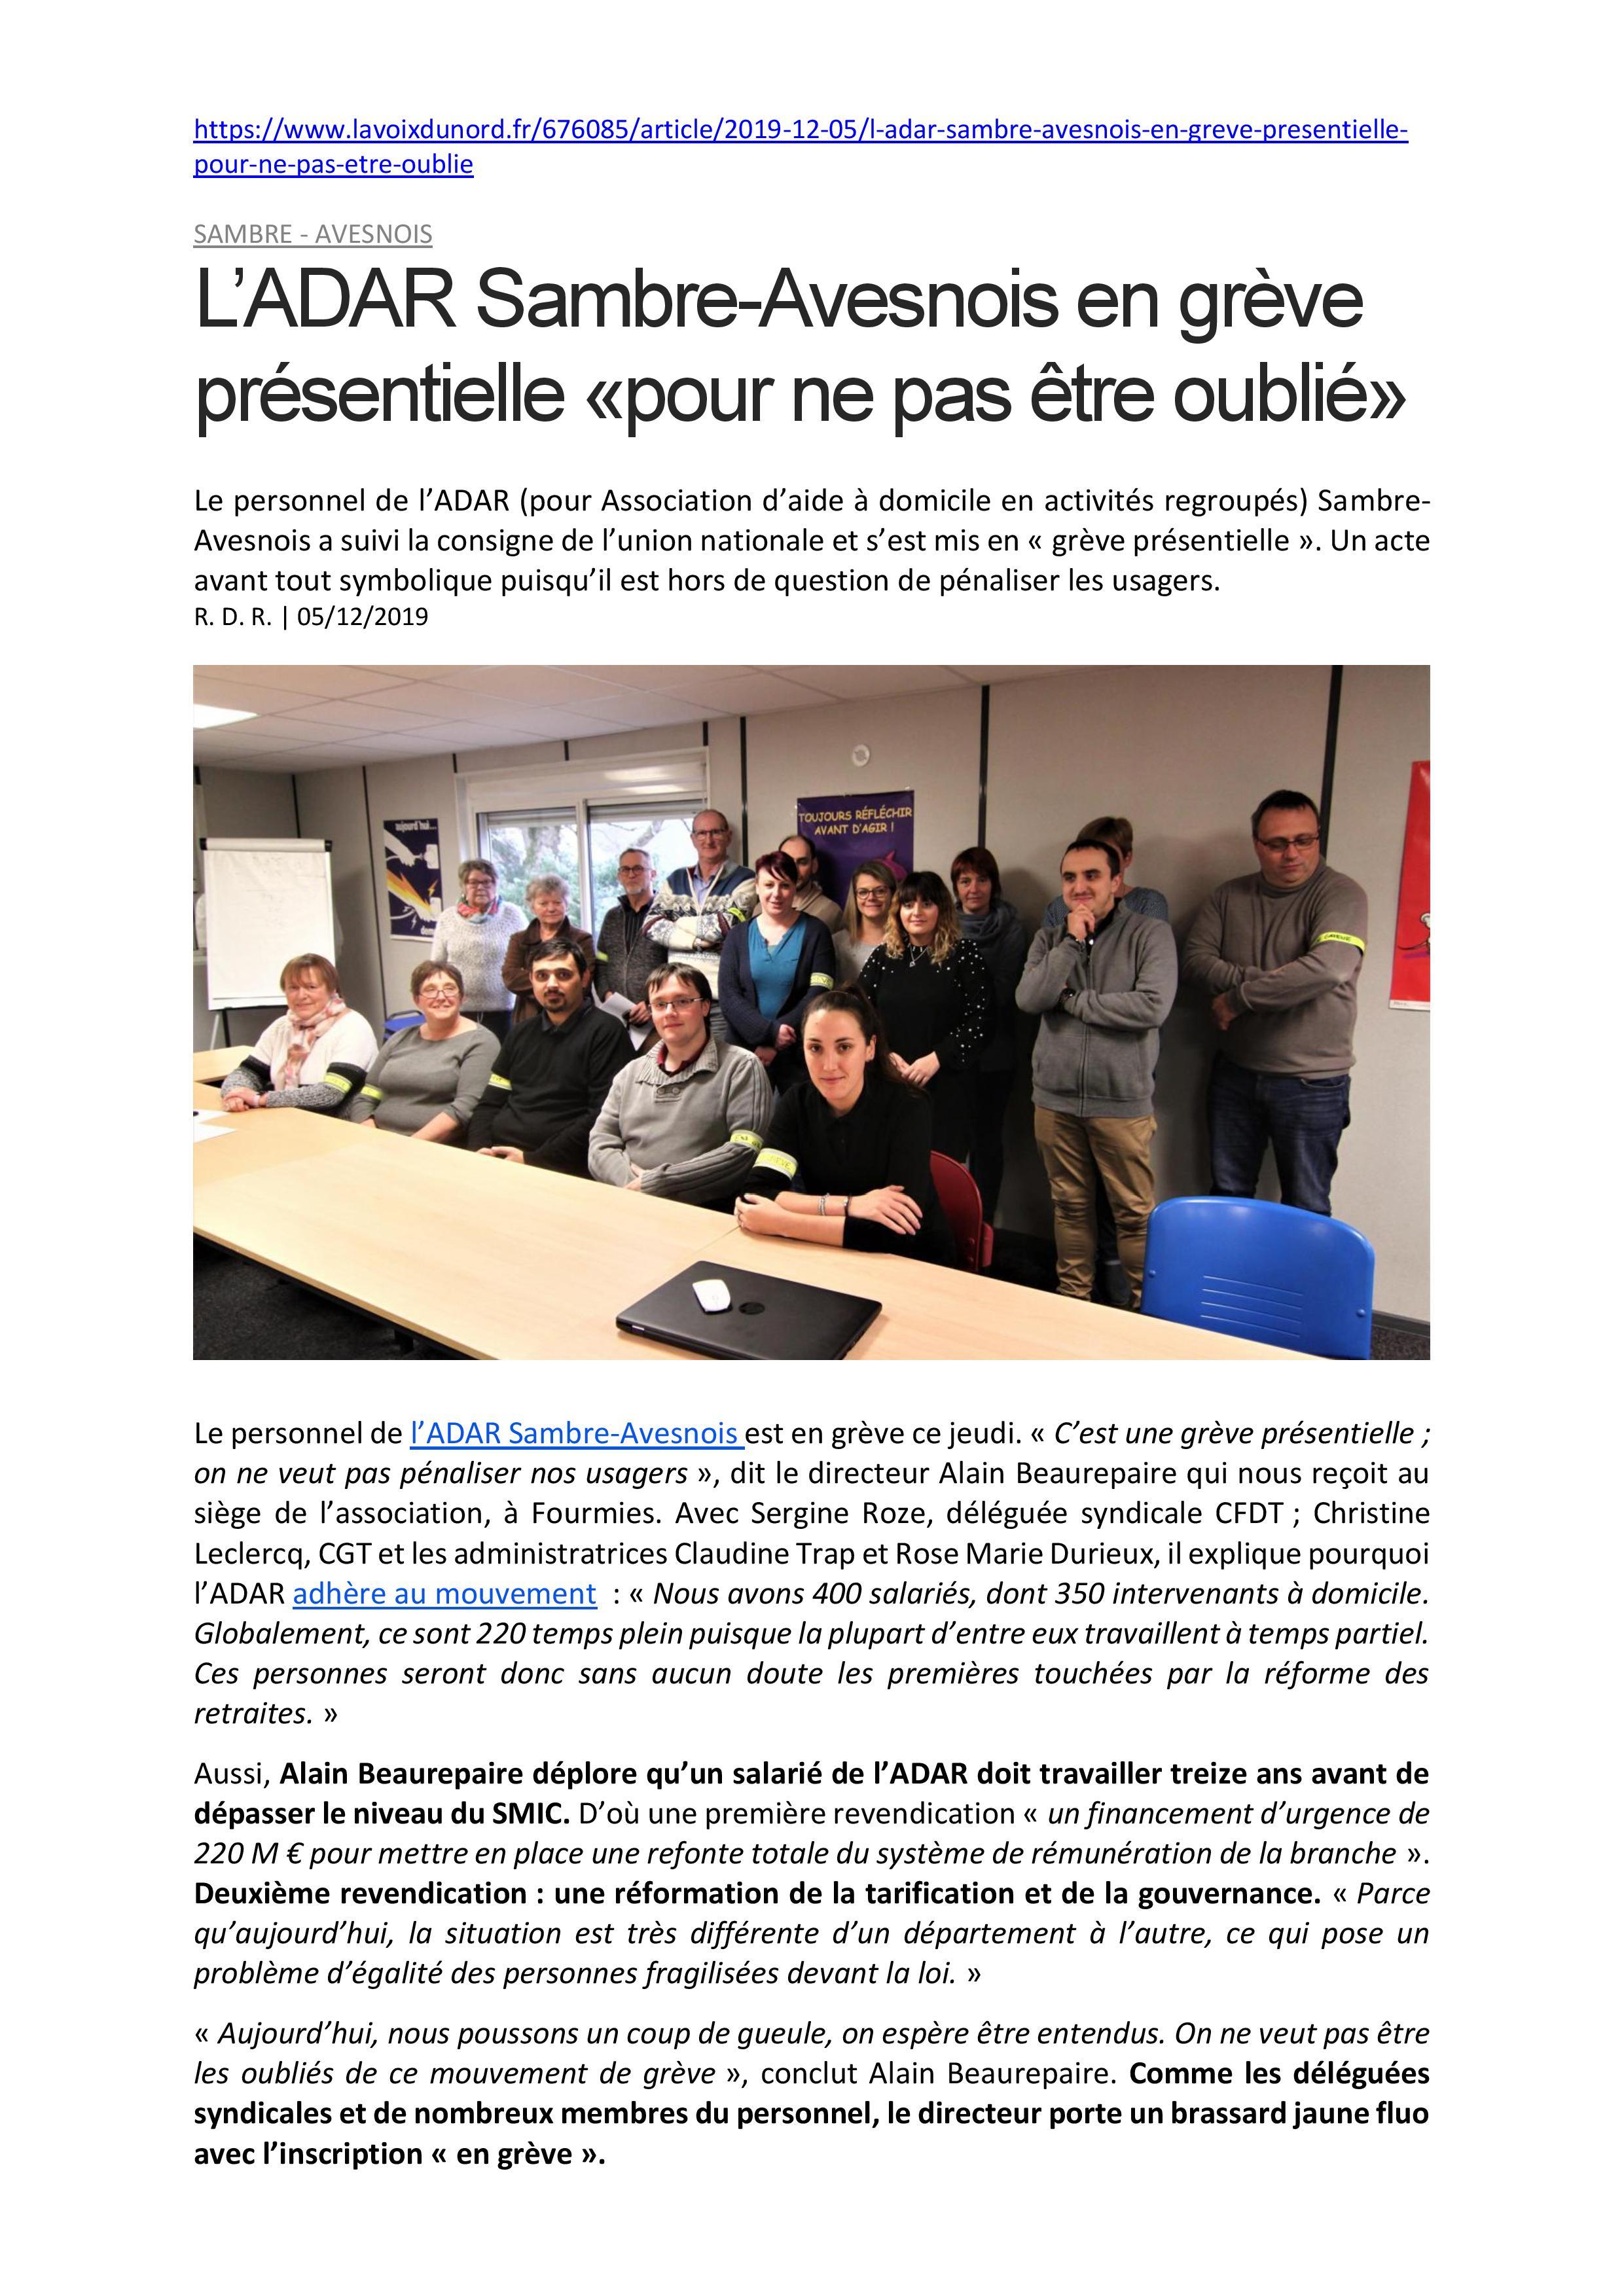 ADAR Sambre-Avesnois - Grève présentielle pour ne pas être oublié